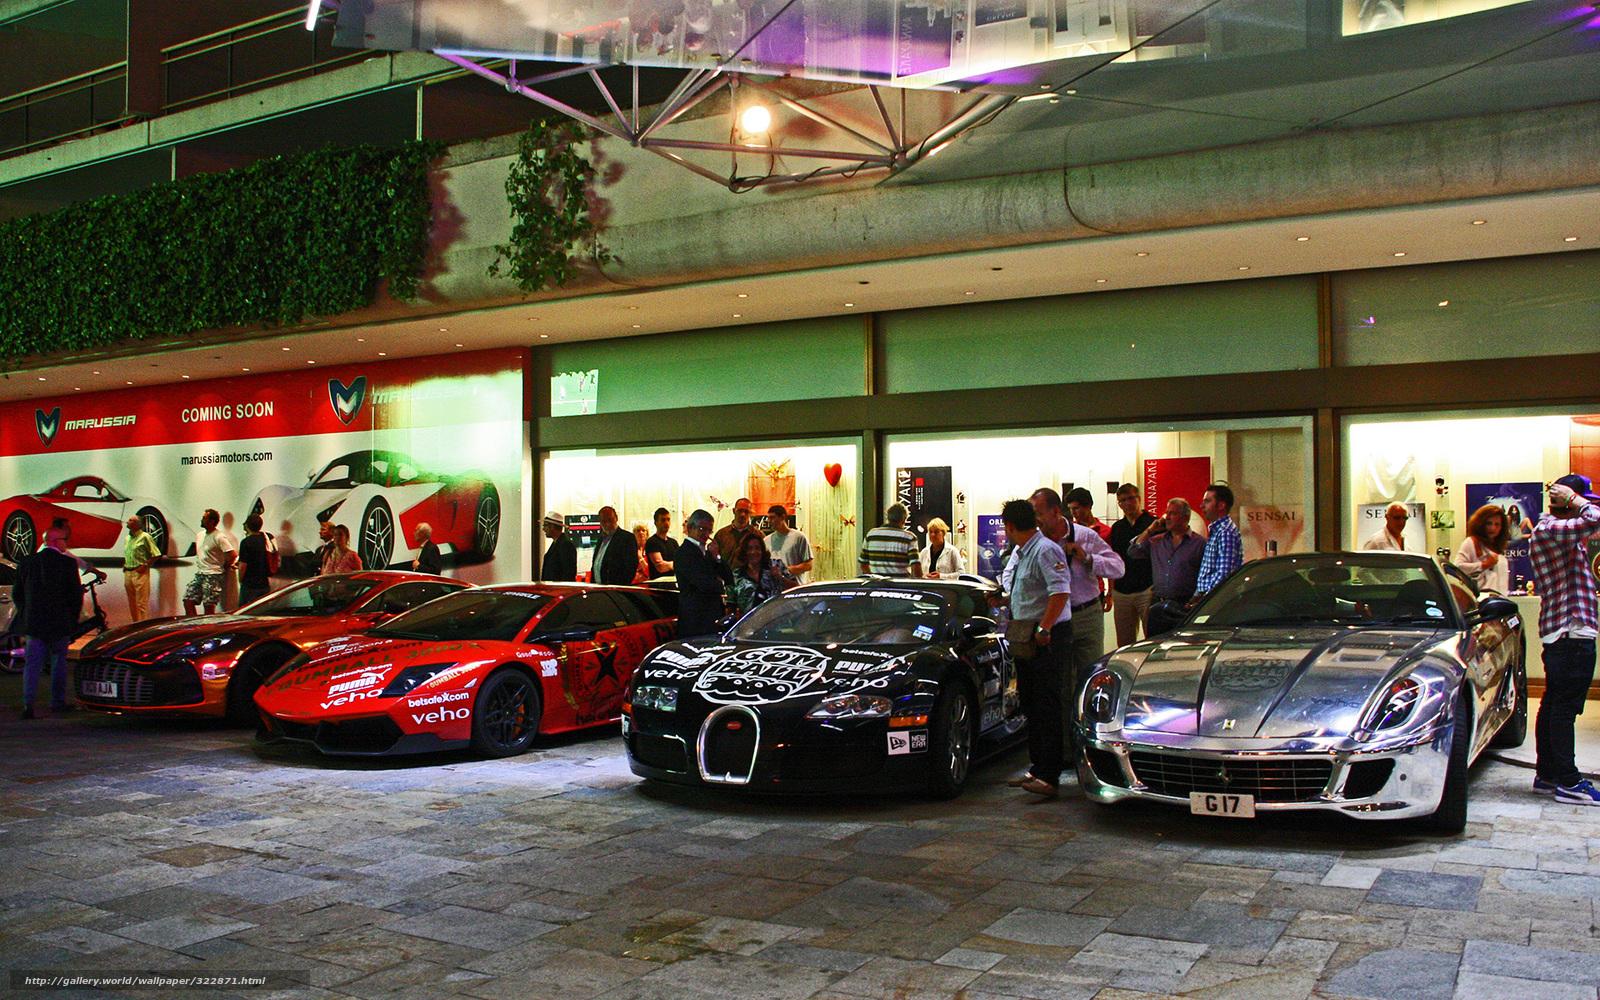 Download Wallpaper Aston Martin Lamborghini Bugatti Ferrari Free